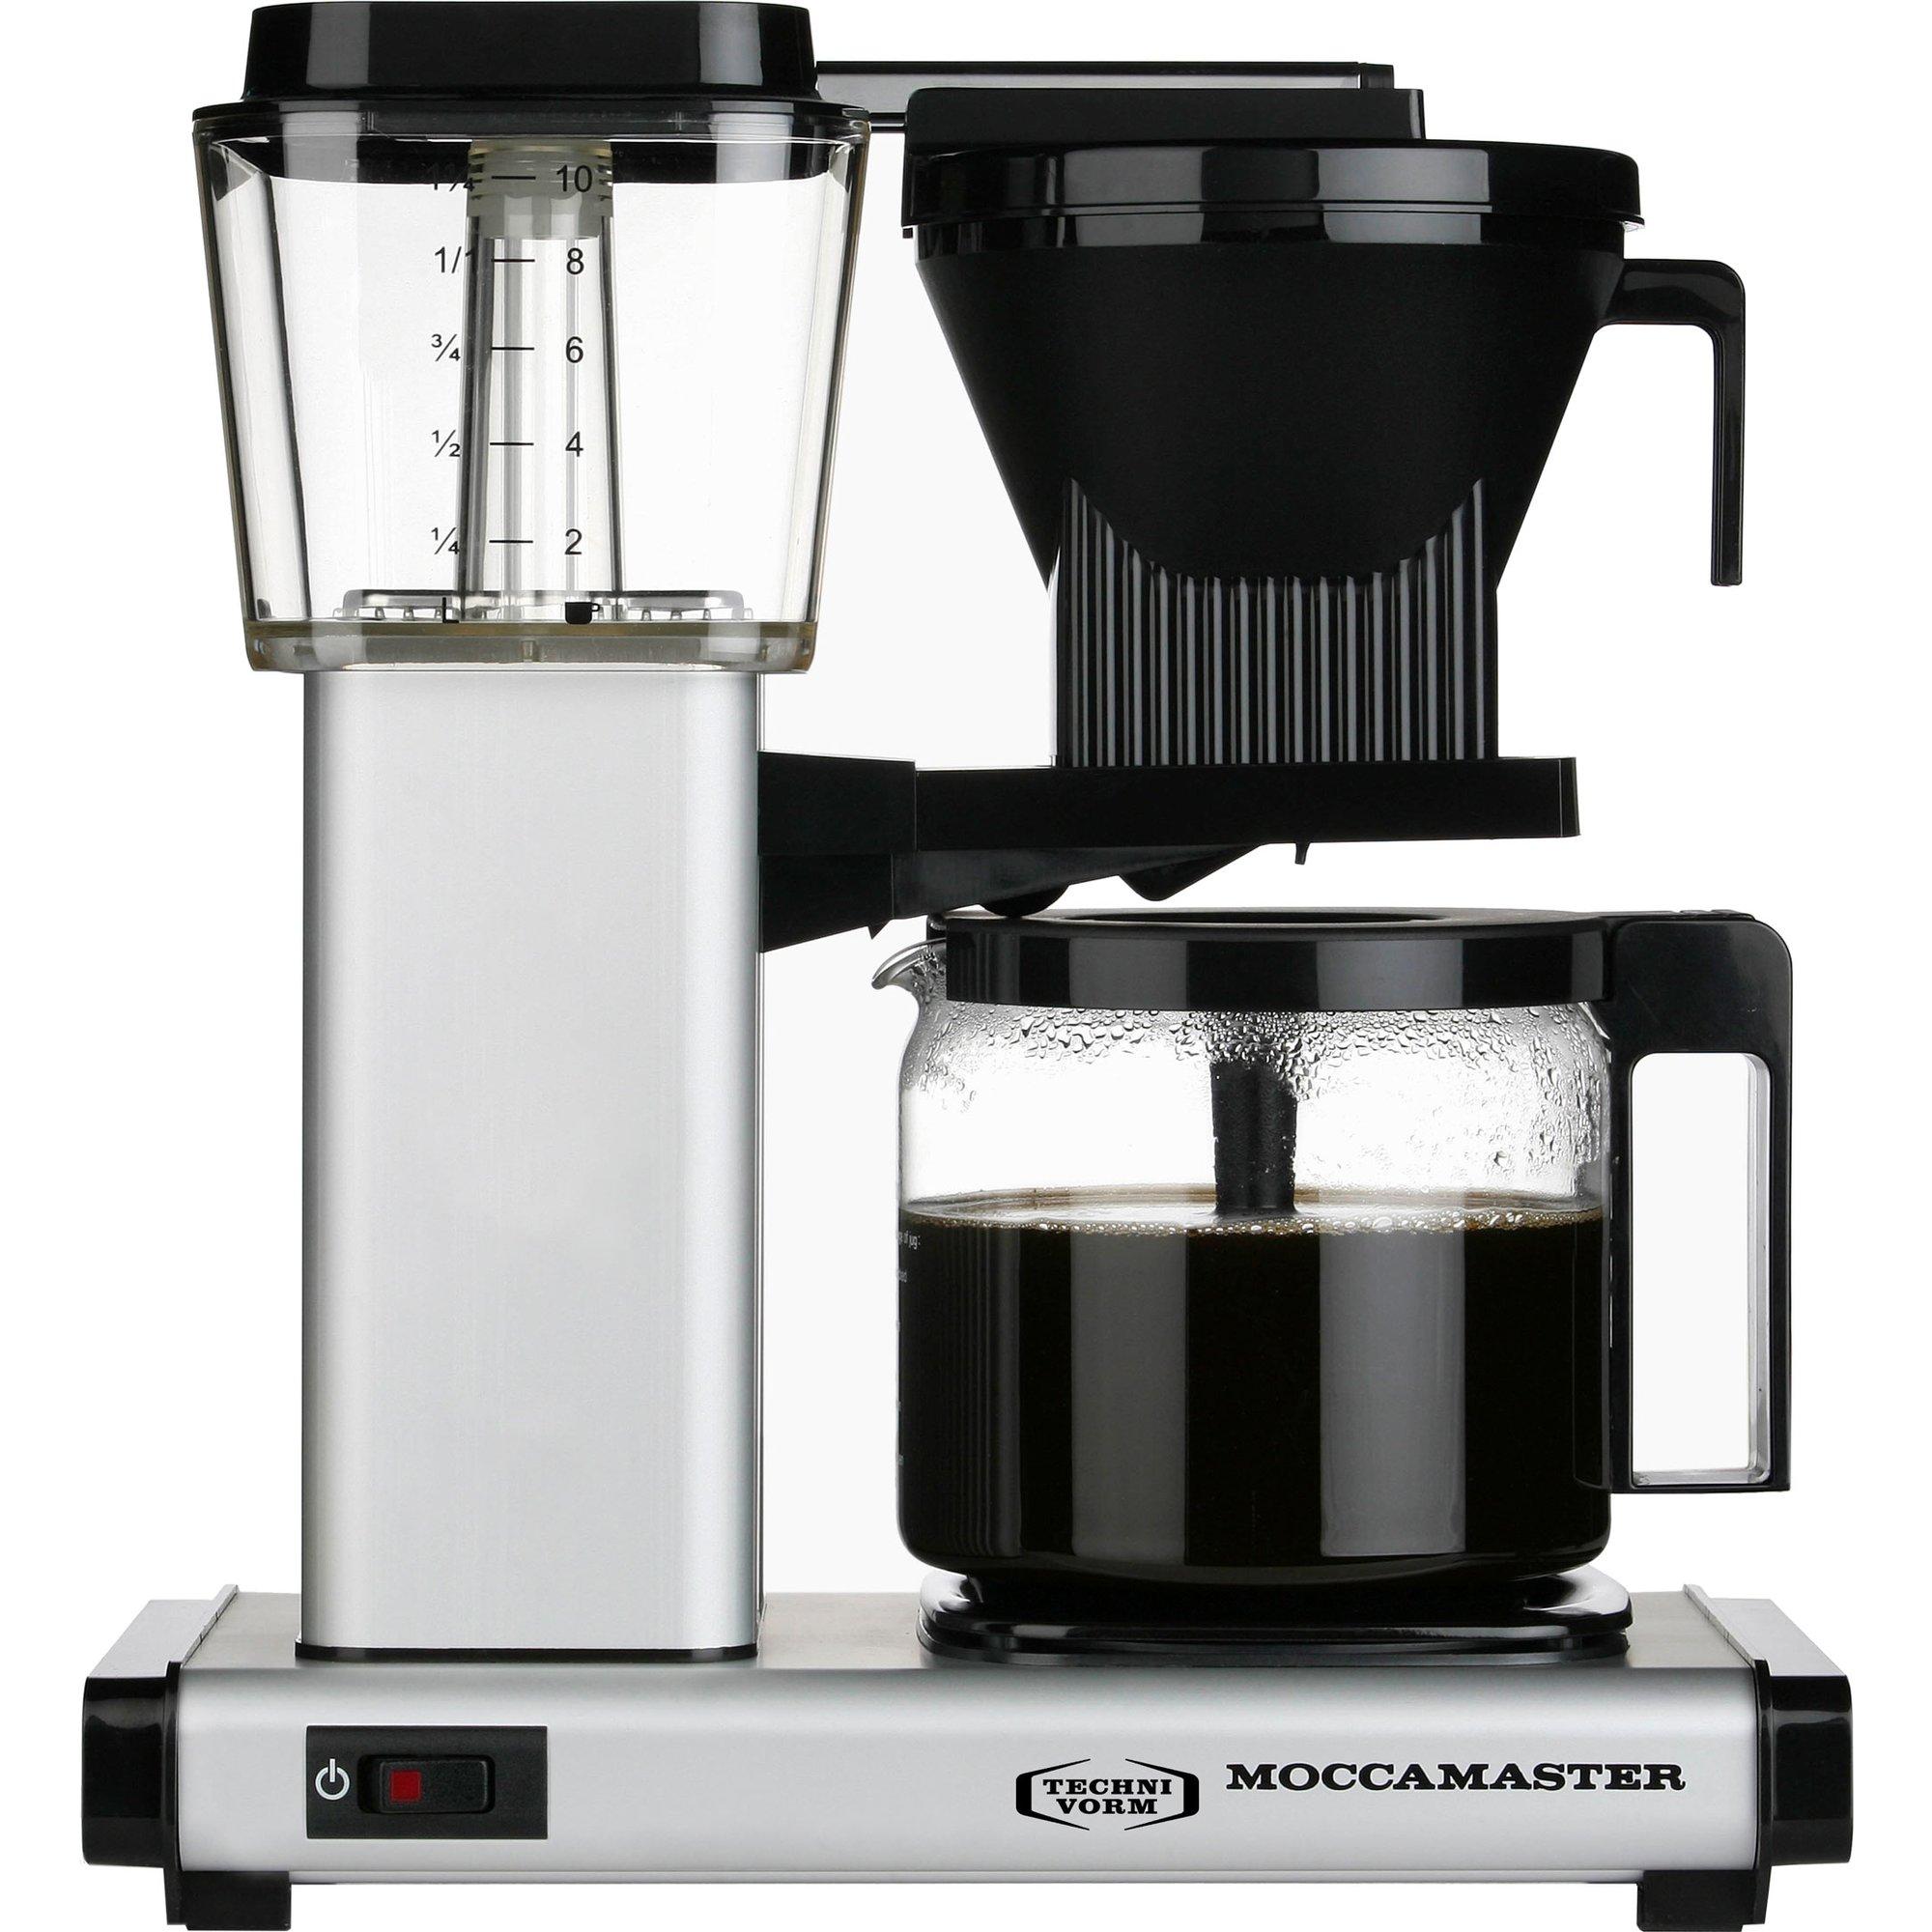 Moccamaster Kaffebryggare HBG961AO – Matt Silver